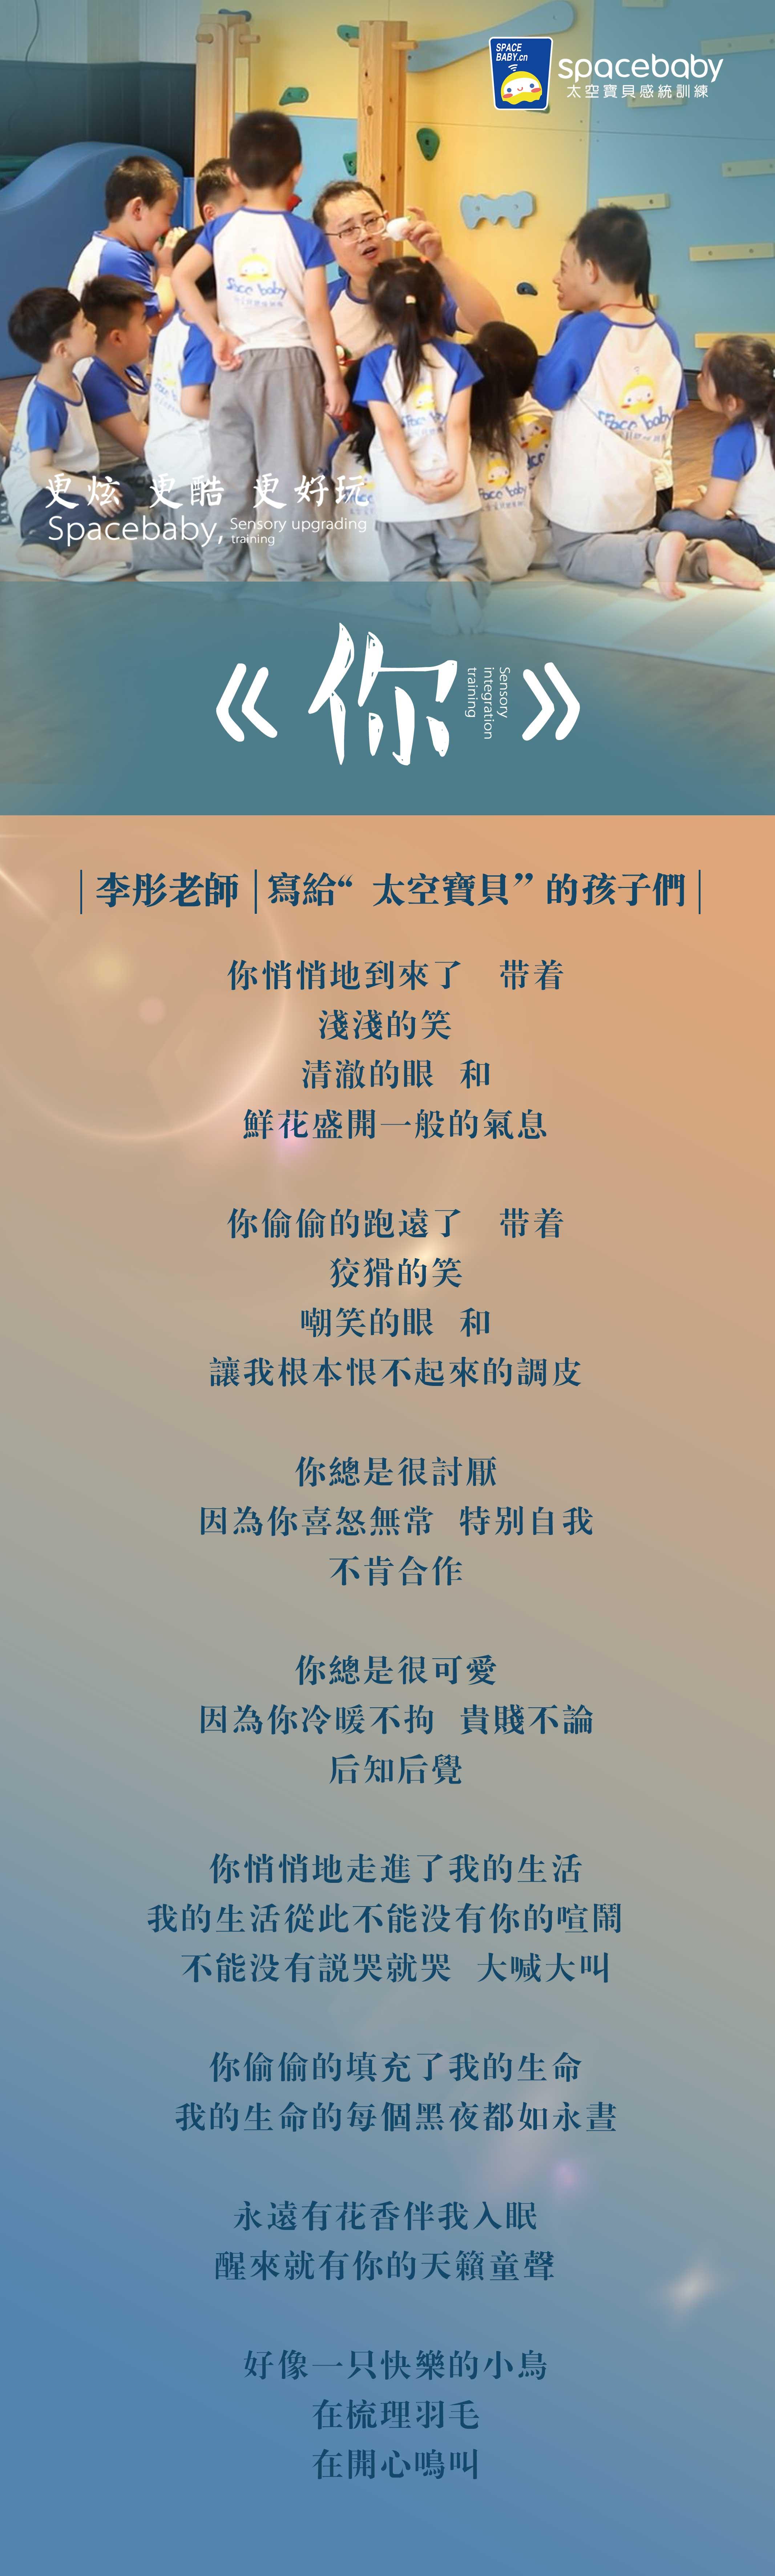 李彤老师寄语《你》,写给太空宝贝的孩子们